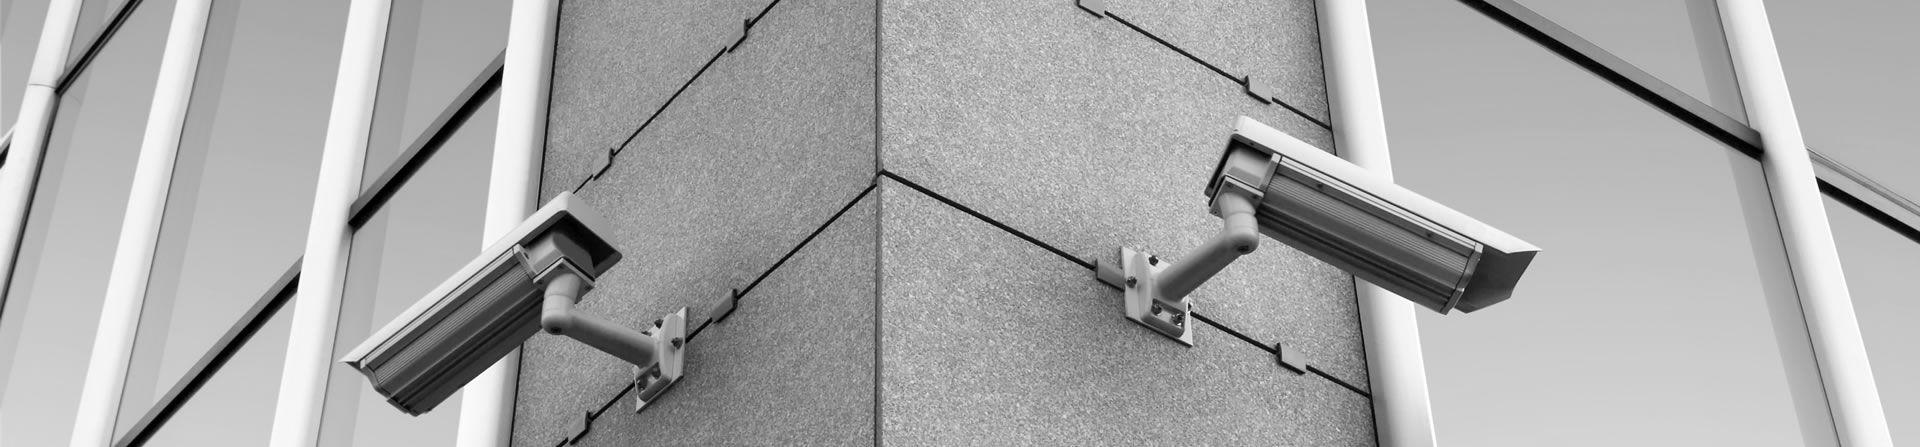 CCTV TÉRMICO